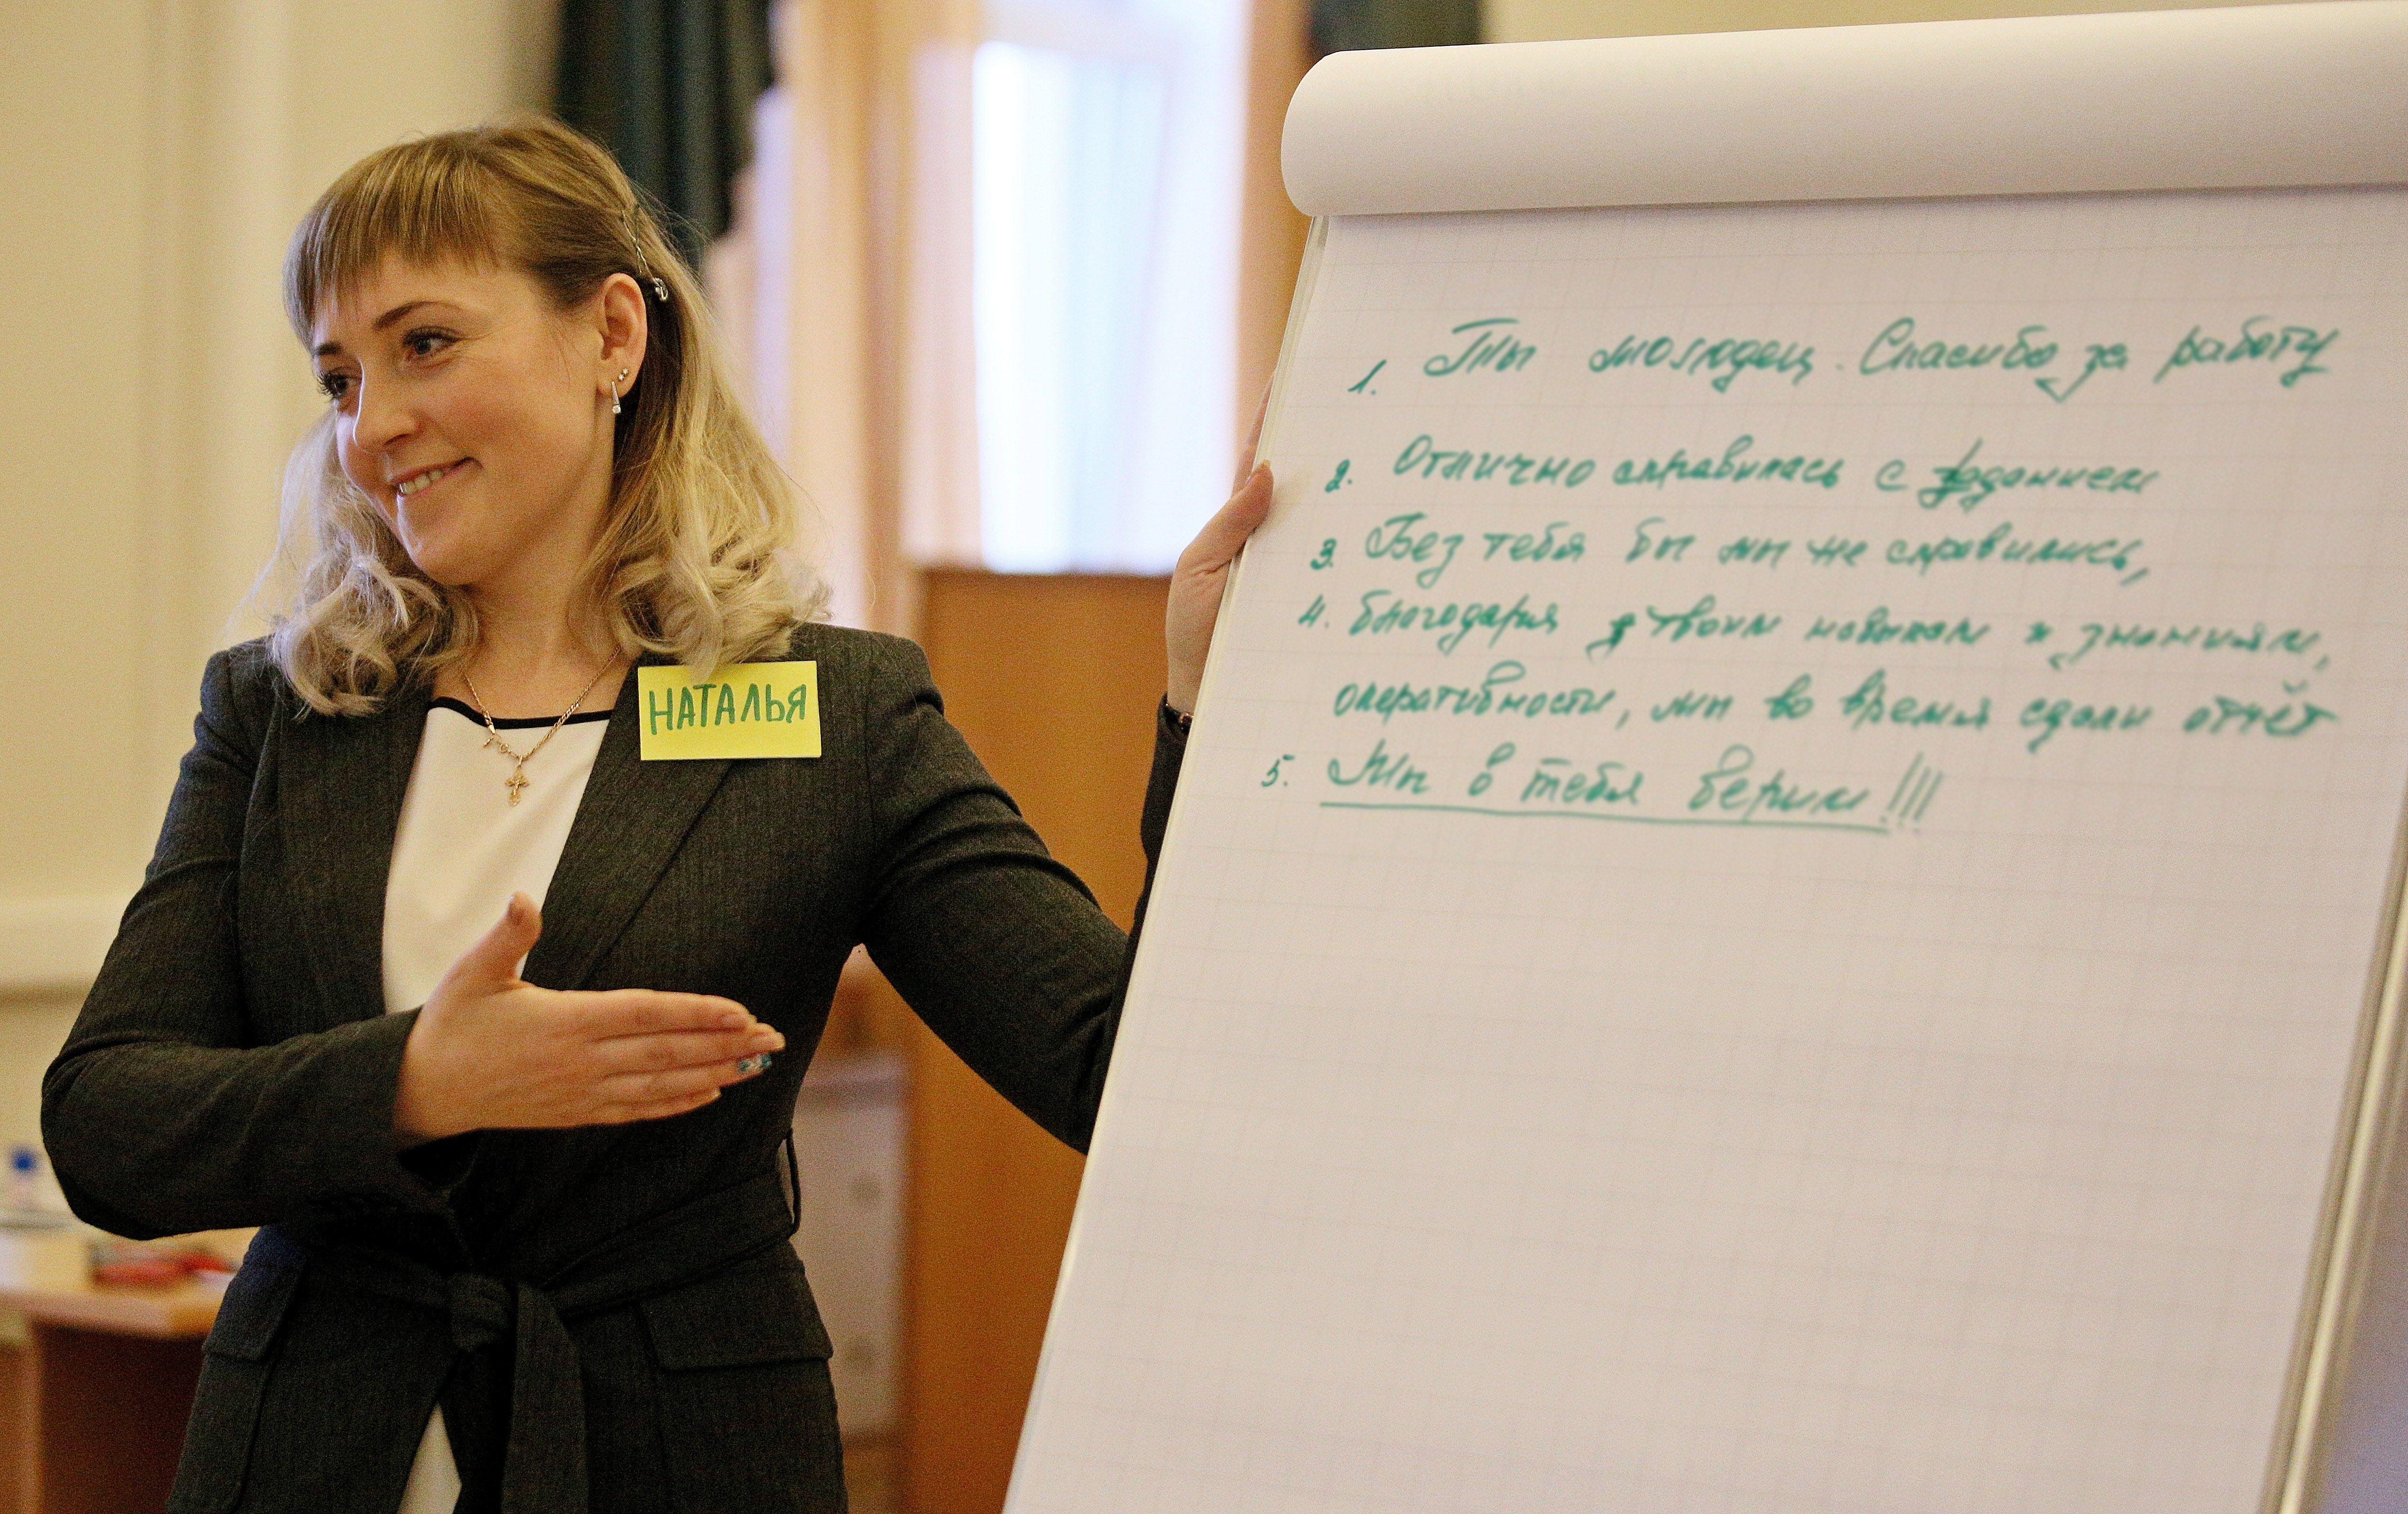 Бесплатные семейные консультации пройдут на юге Москвы